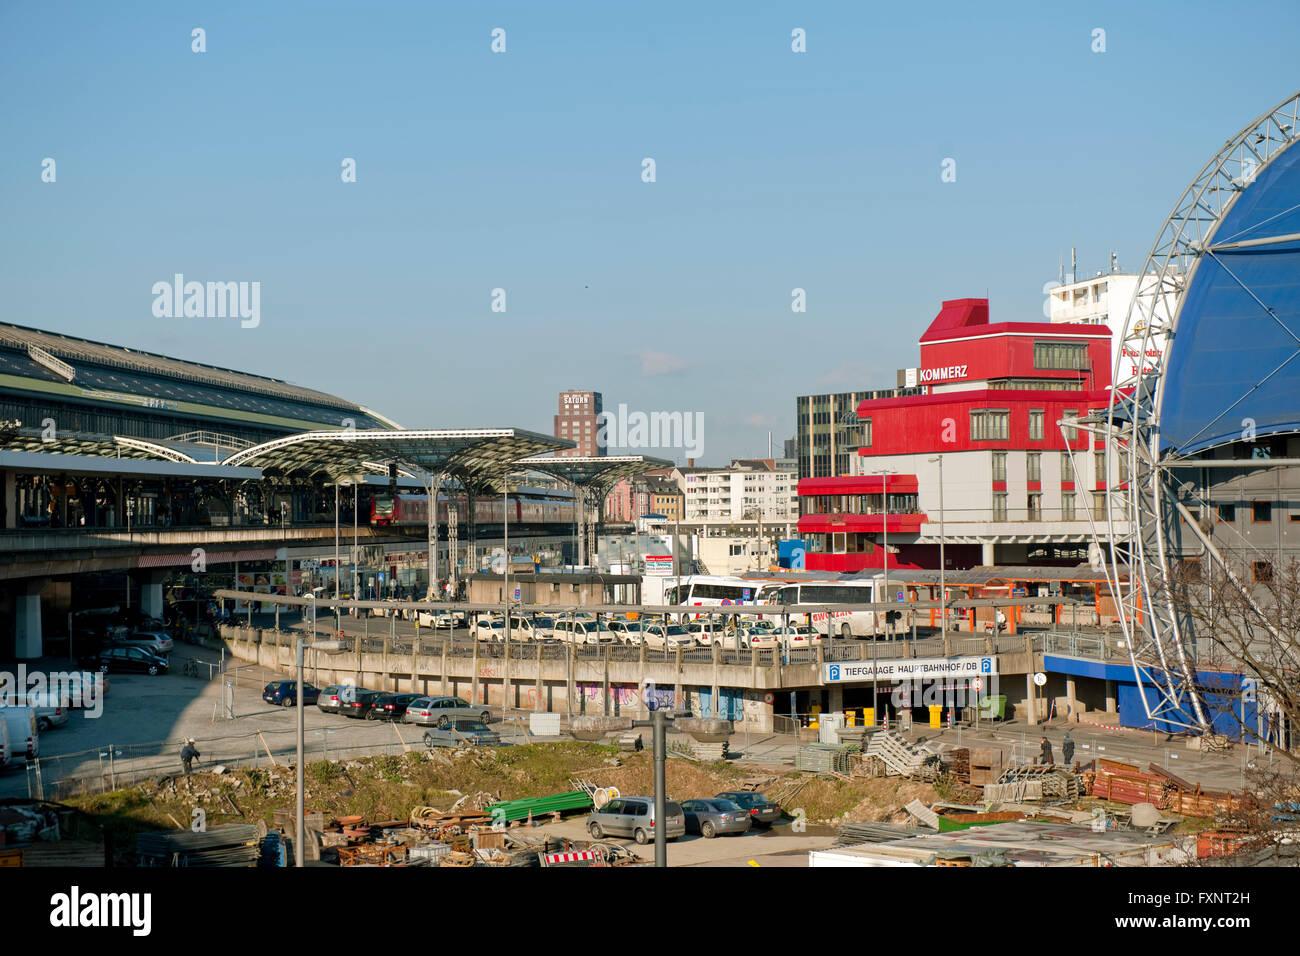 Köln, Busbahnhof und ewige Baustelle am Bahnhof ( Rückseite ) - Stock Image